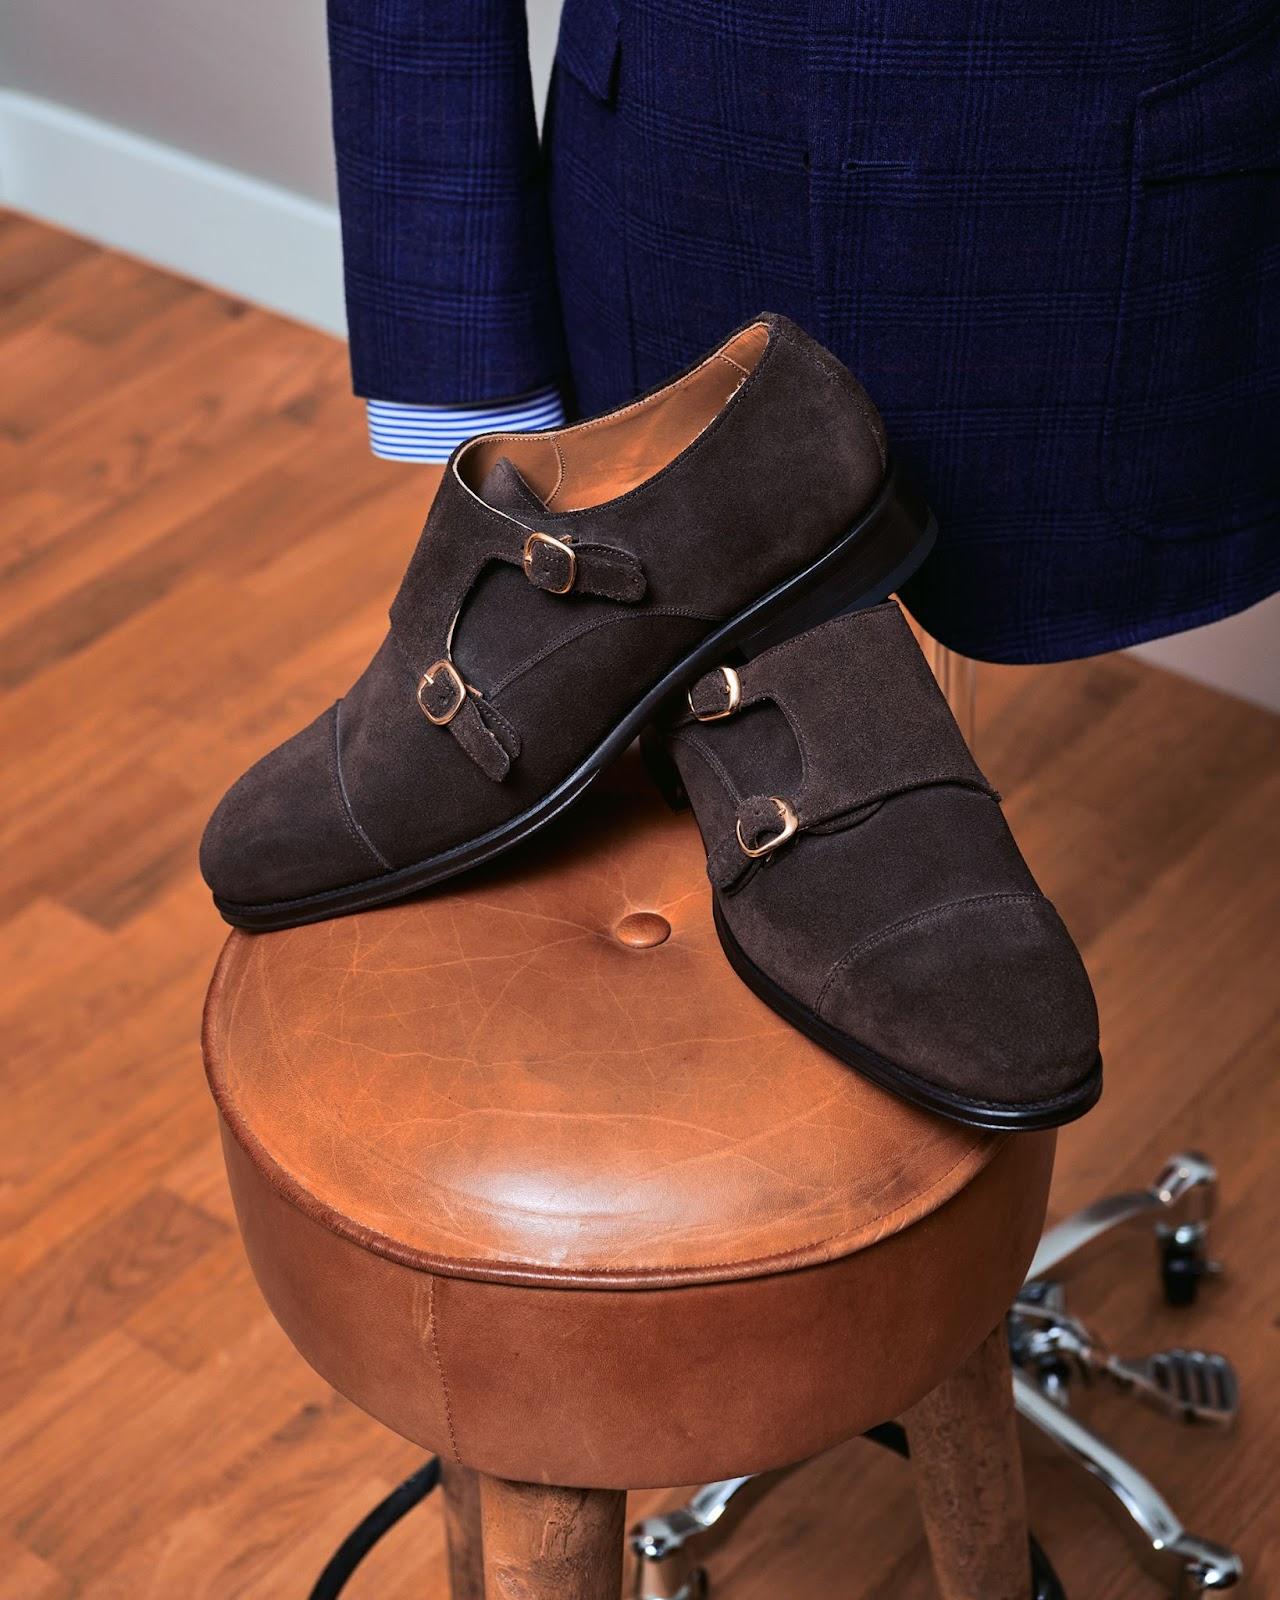 zapatos para traje a medida con tu tailoring personal en sevilla